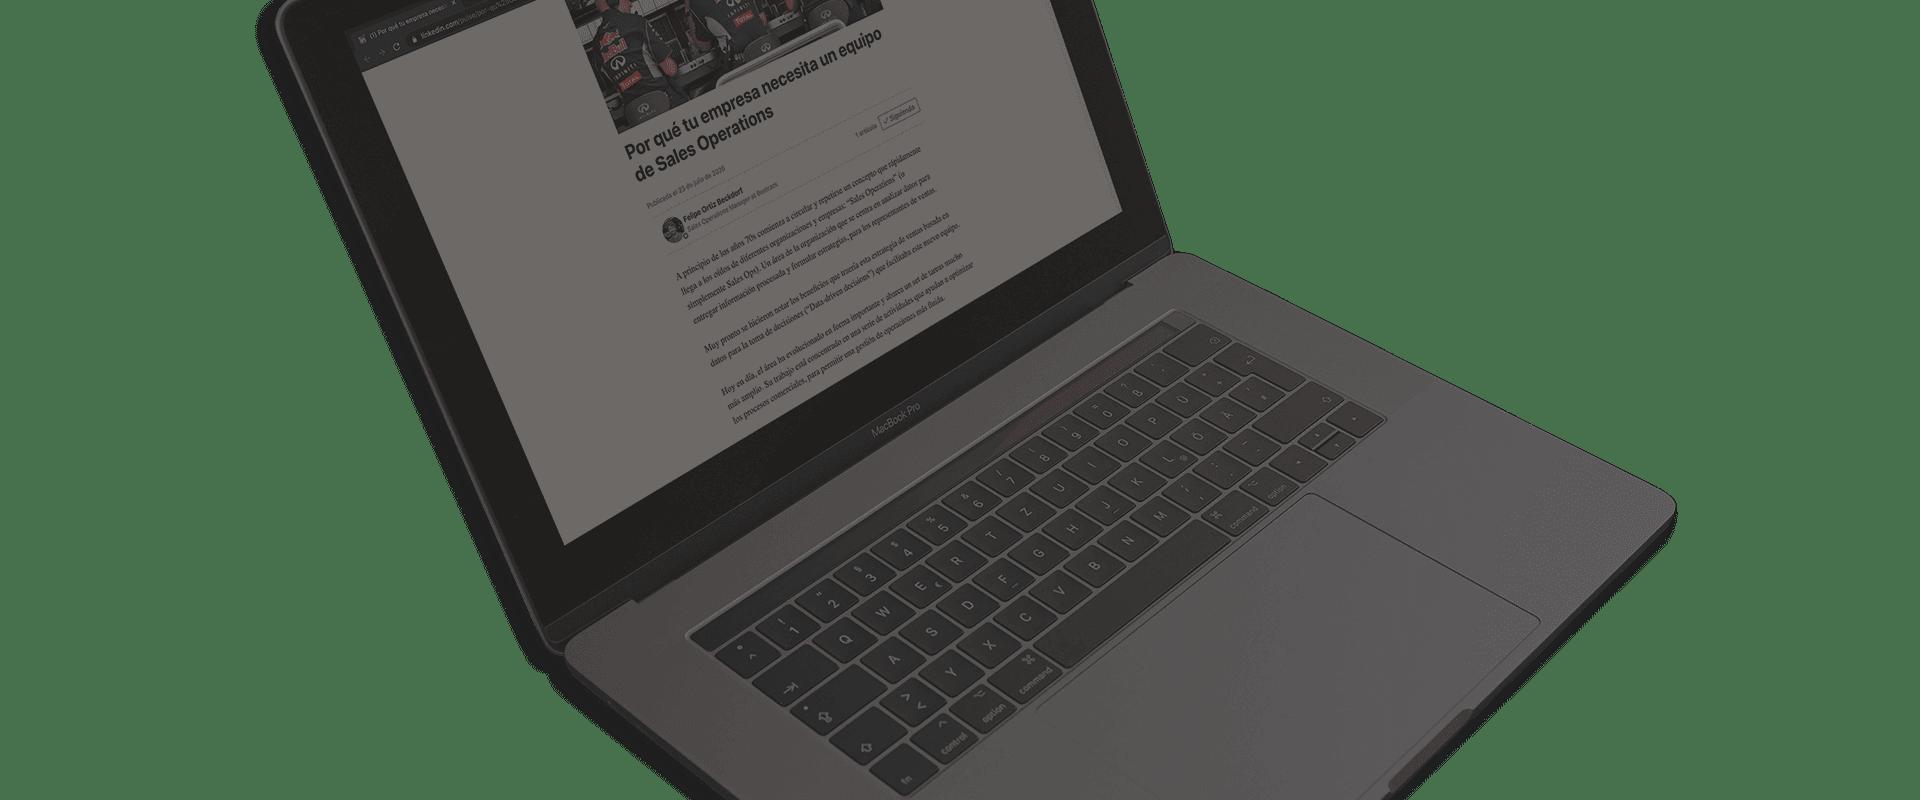 Blog - Logística en tiempo real - Beetrack